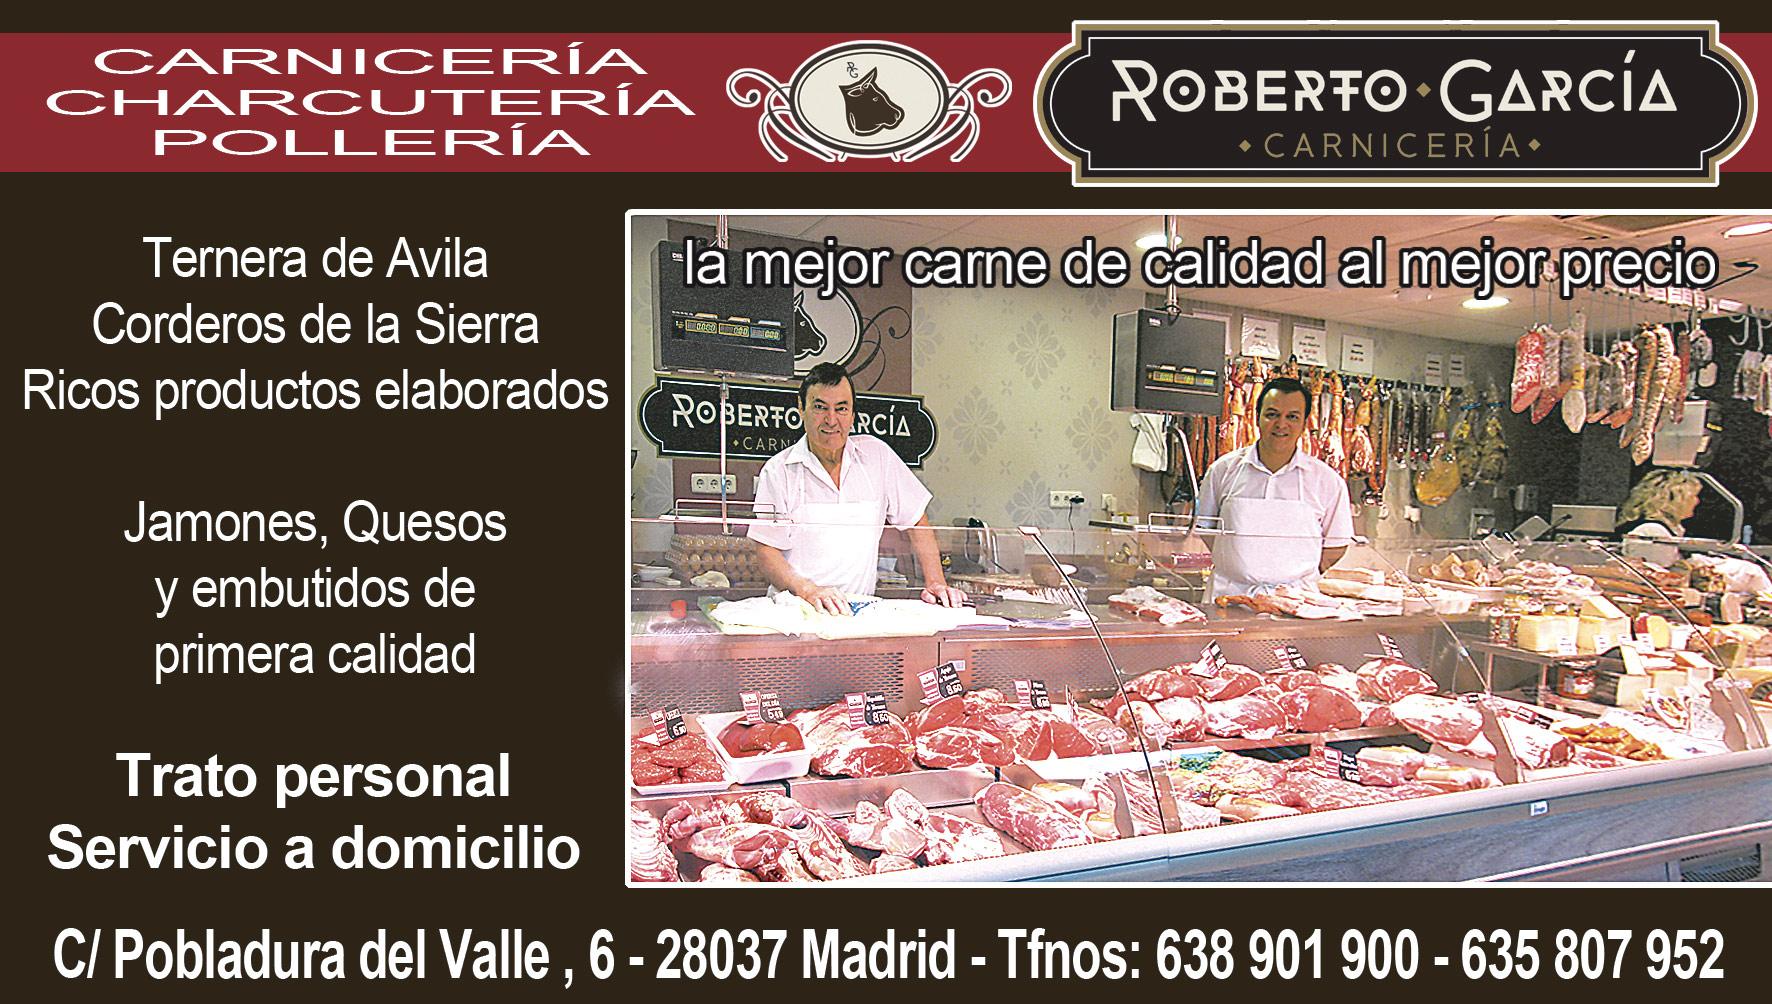 Roberto García Carnicería